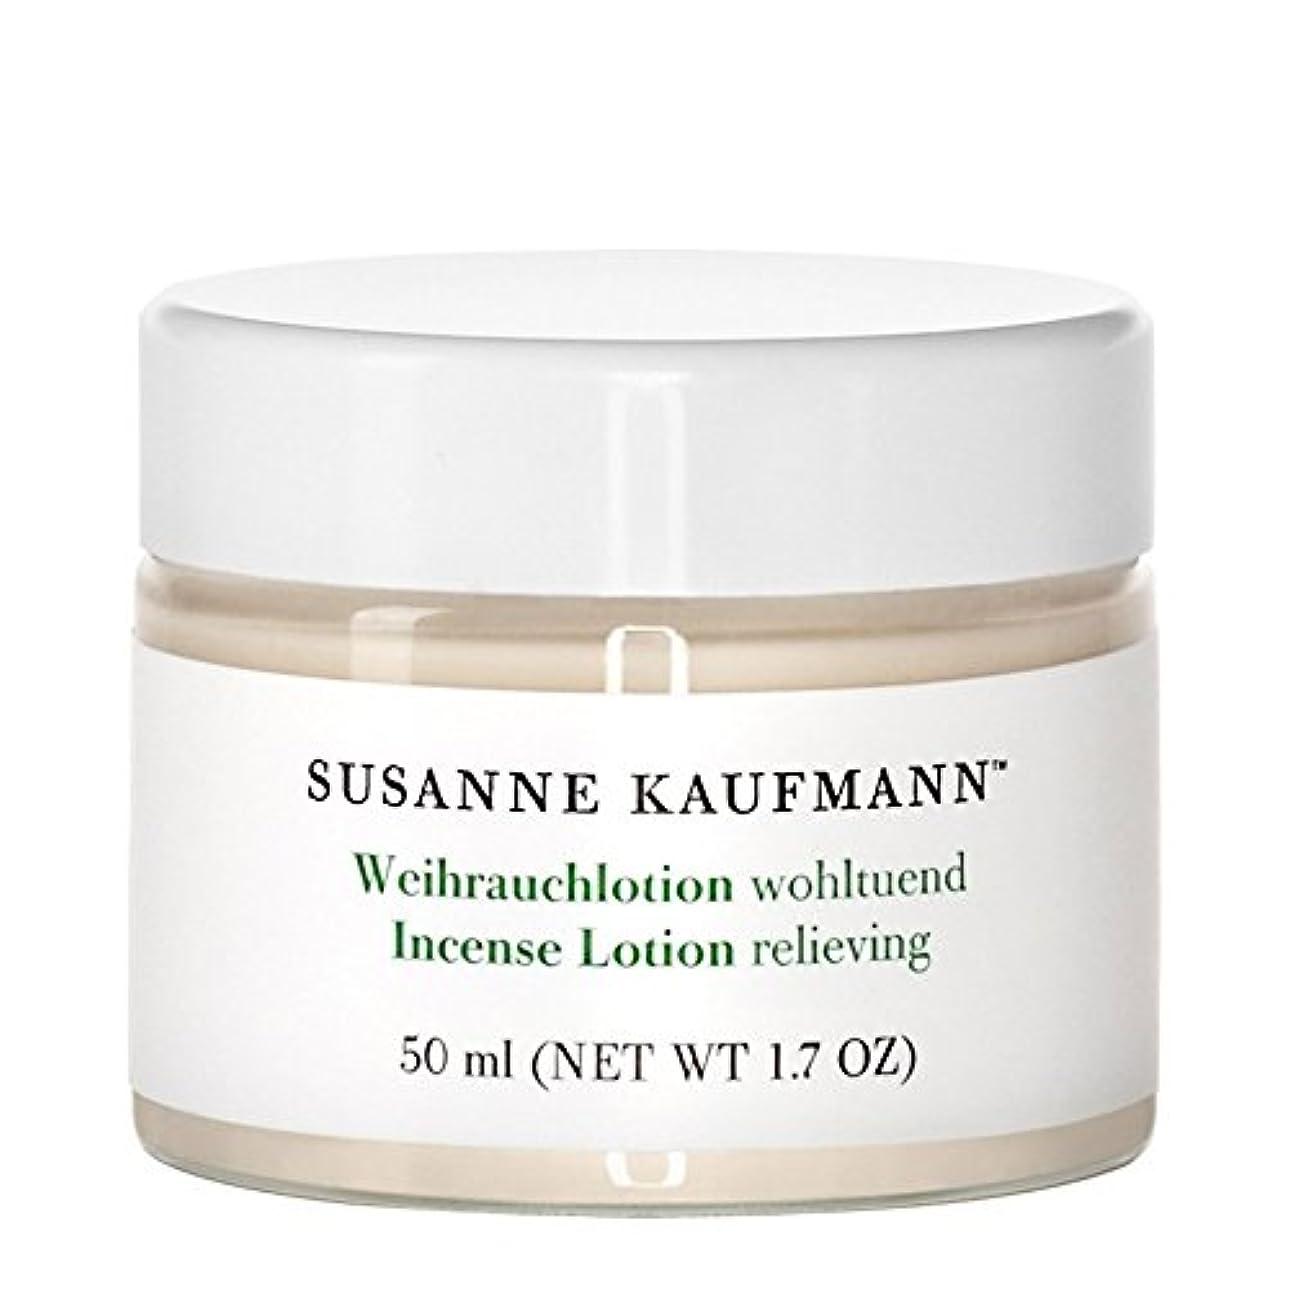 膨らみ心のこもった西Susanne Kaufmann Incense Lotion 50ml - スザンヌカウフマン香ローション50ミリリットル [並行輸入品]